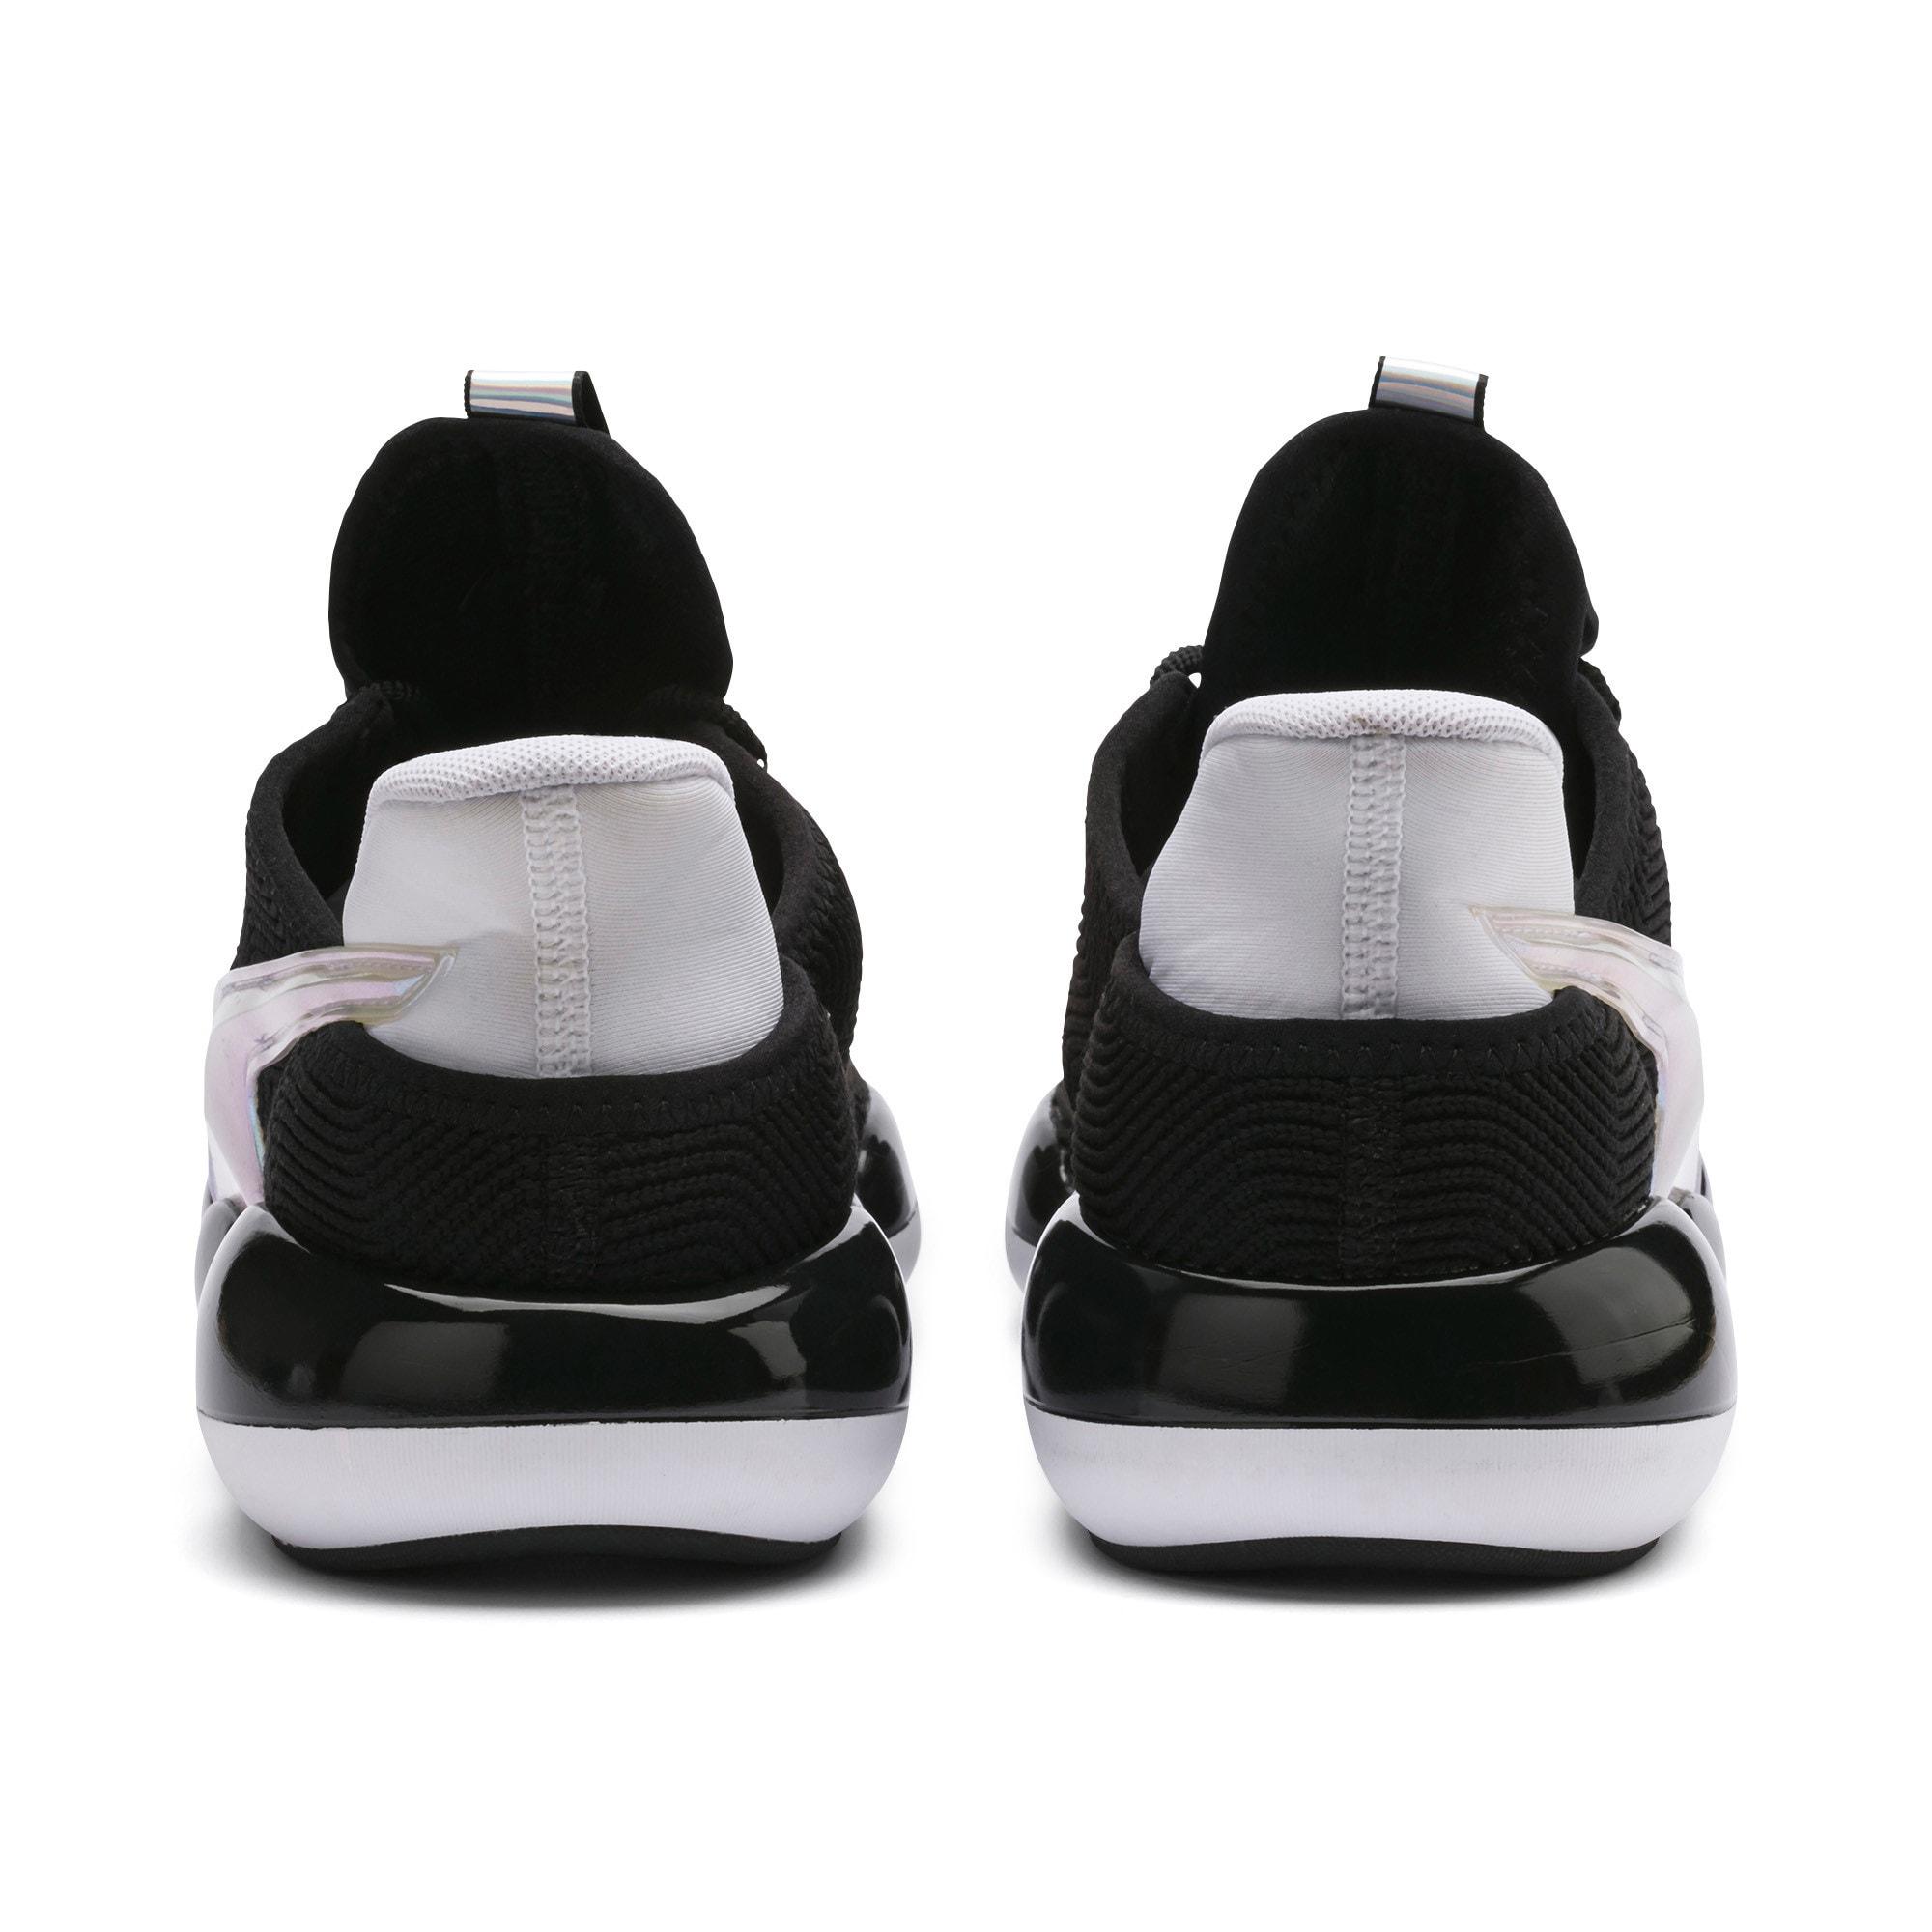 Miniatura 4 de Zapatos de entrenamiento iridiscentes Mode XT Trailblazer para mujer, Puma Black-Puma White, mediano